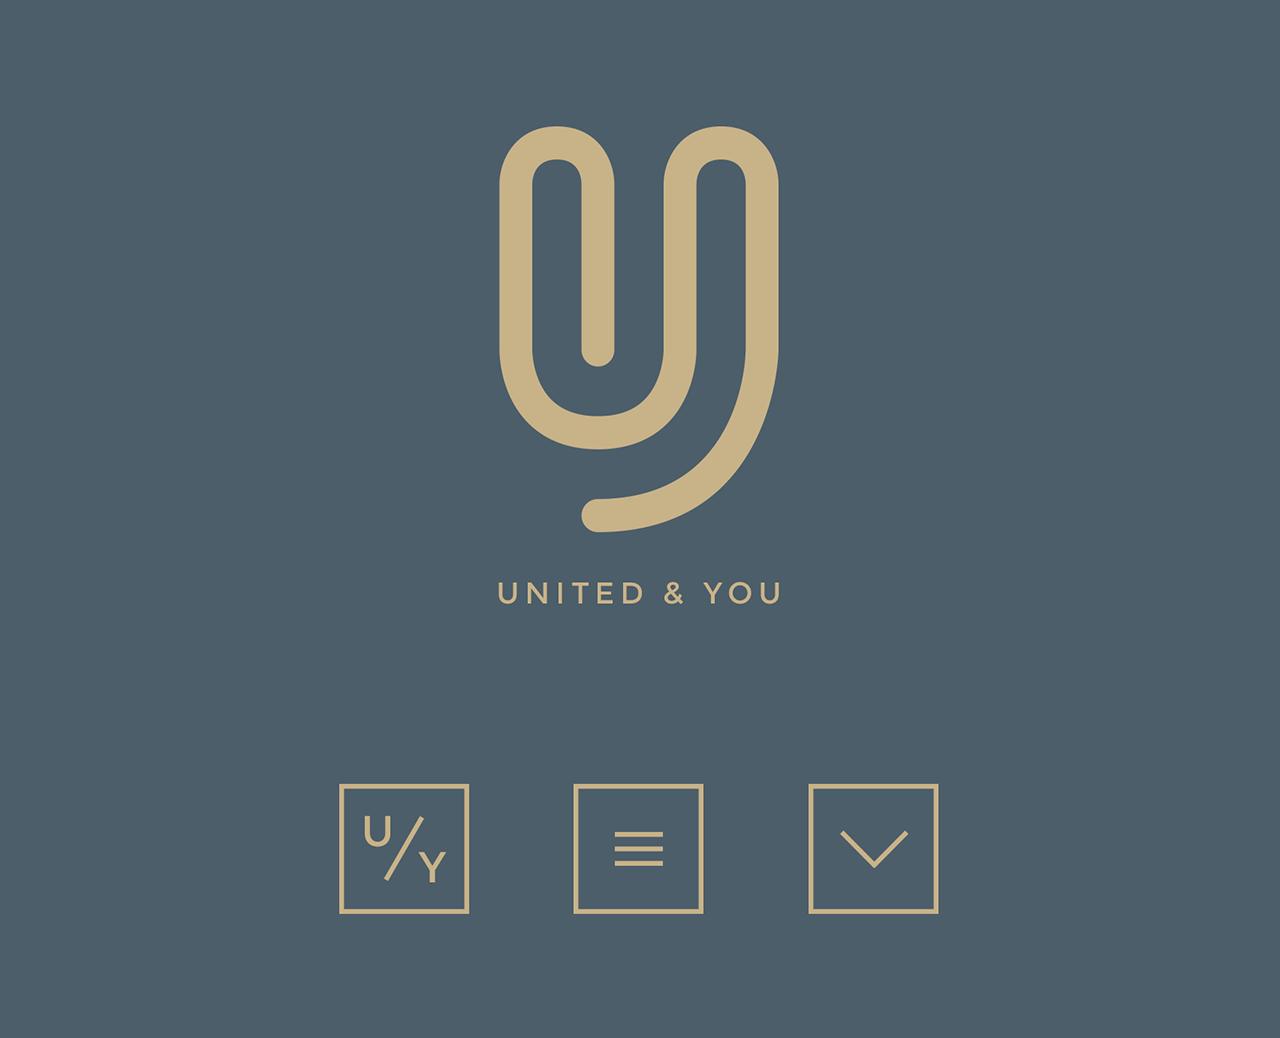 United You Christofer Blom